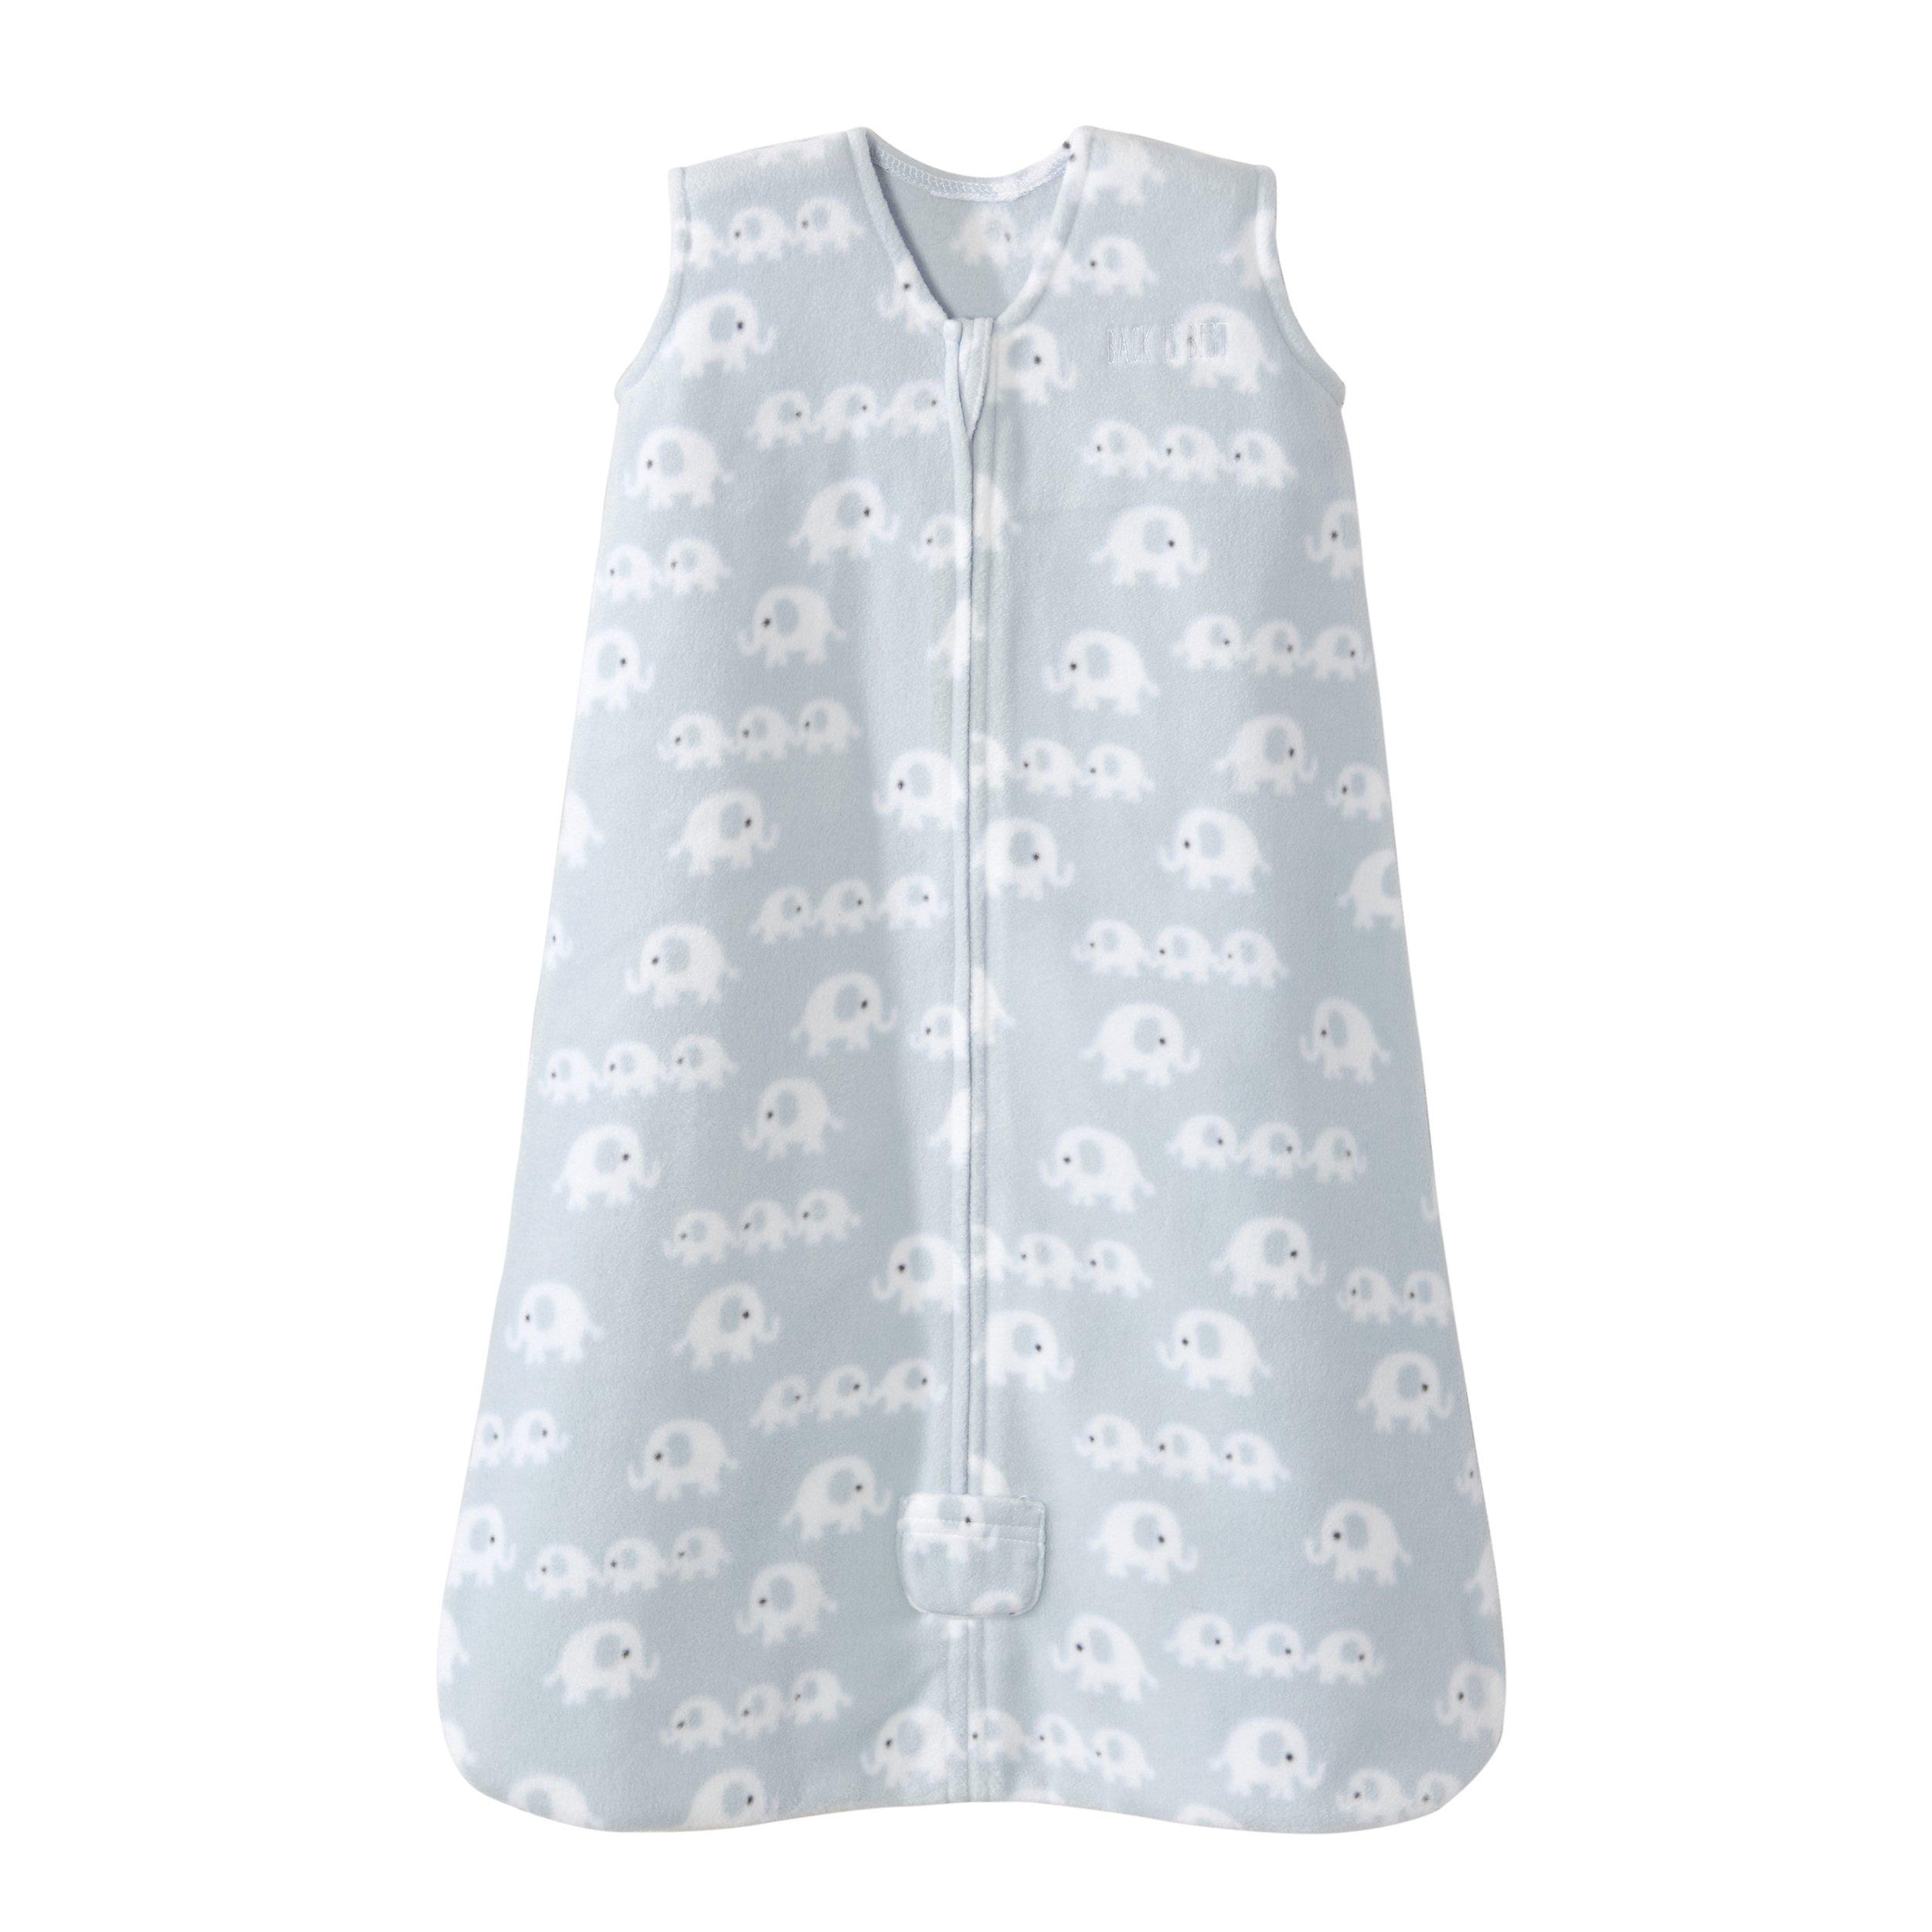 Amazon.com  Halo Sleepsack Wearable Blanket Micro Fleece - 3 Elephants  Blue ce0cf009b